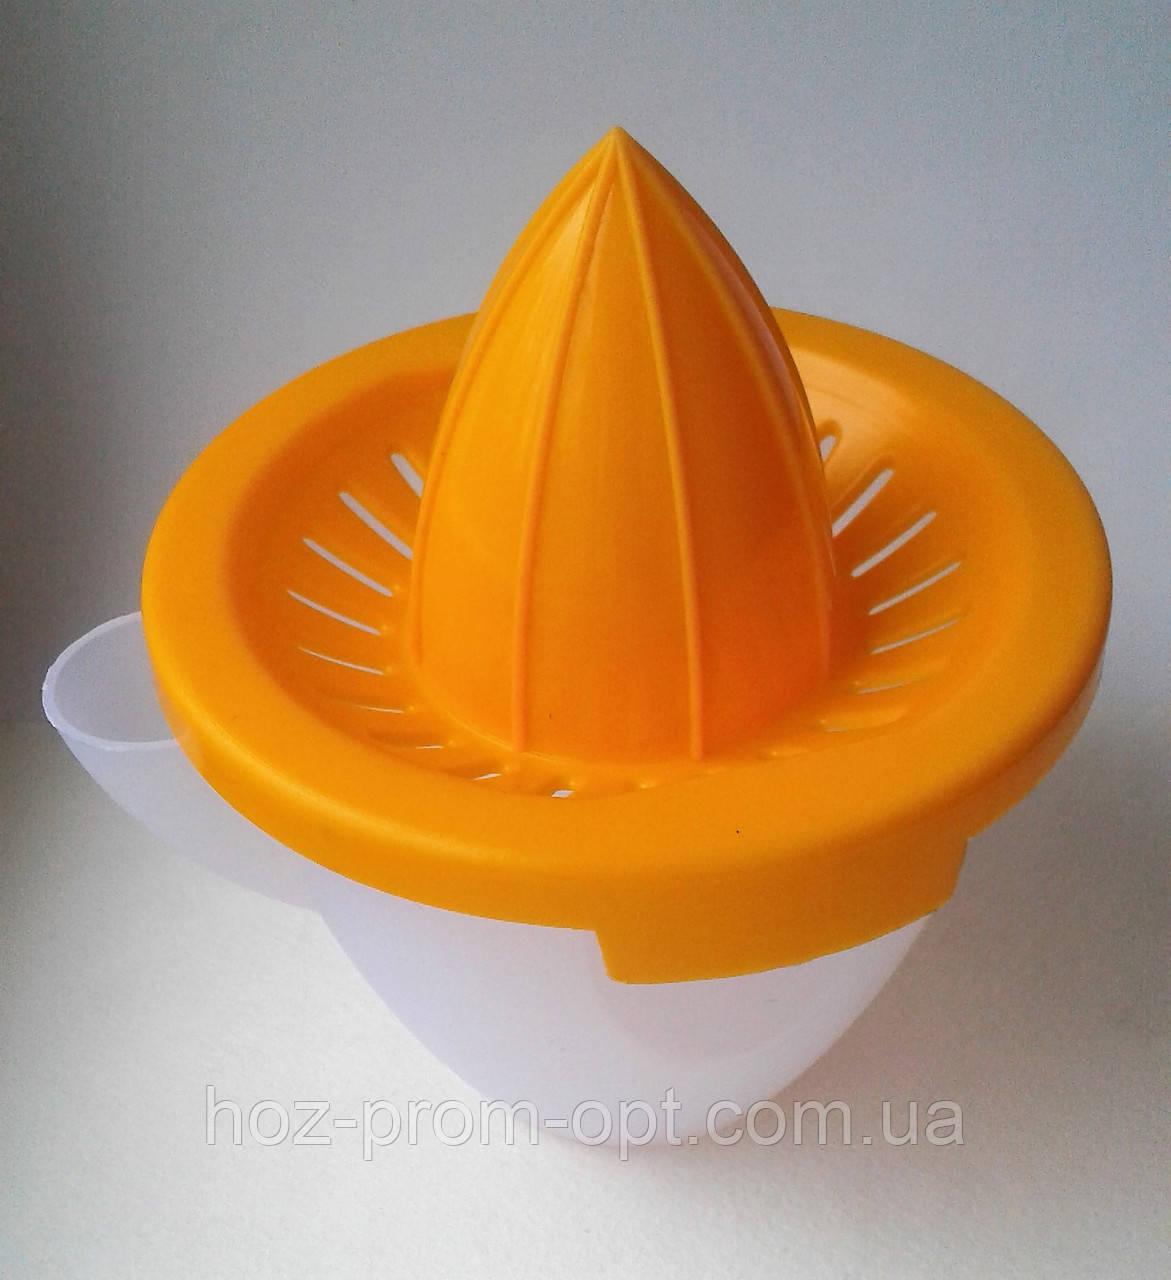 Соковитискач, 140мм*130мм h-170мм, пластик.